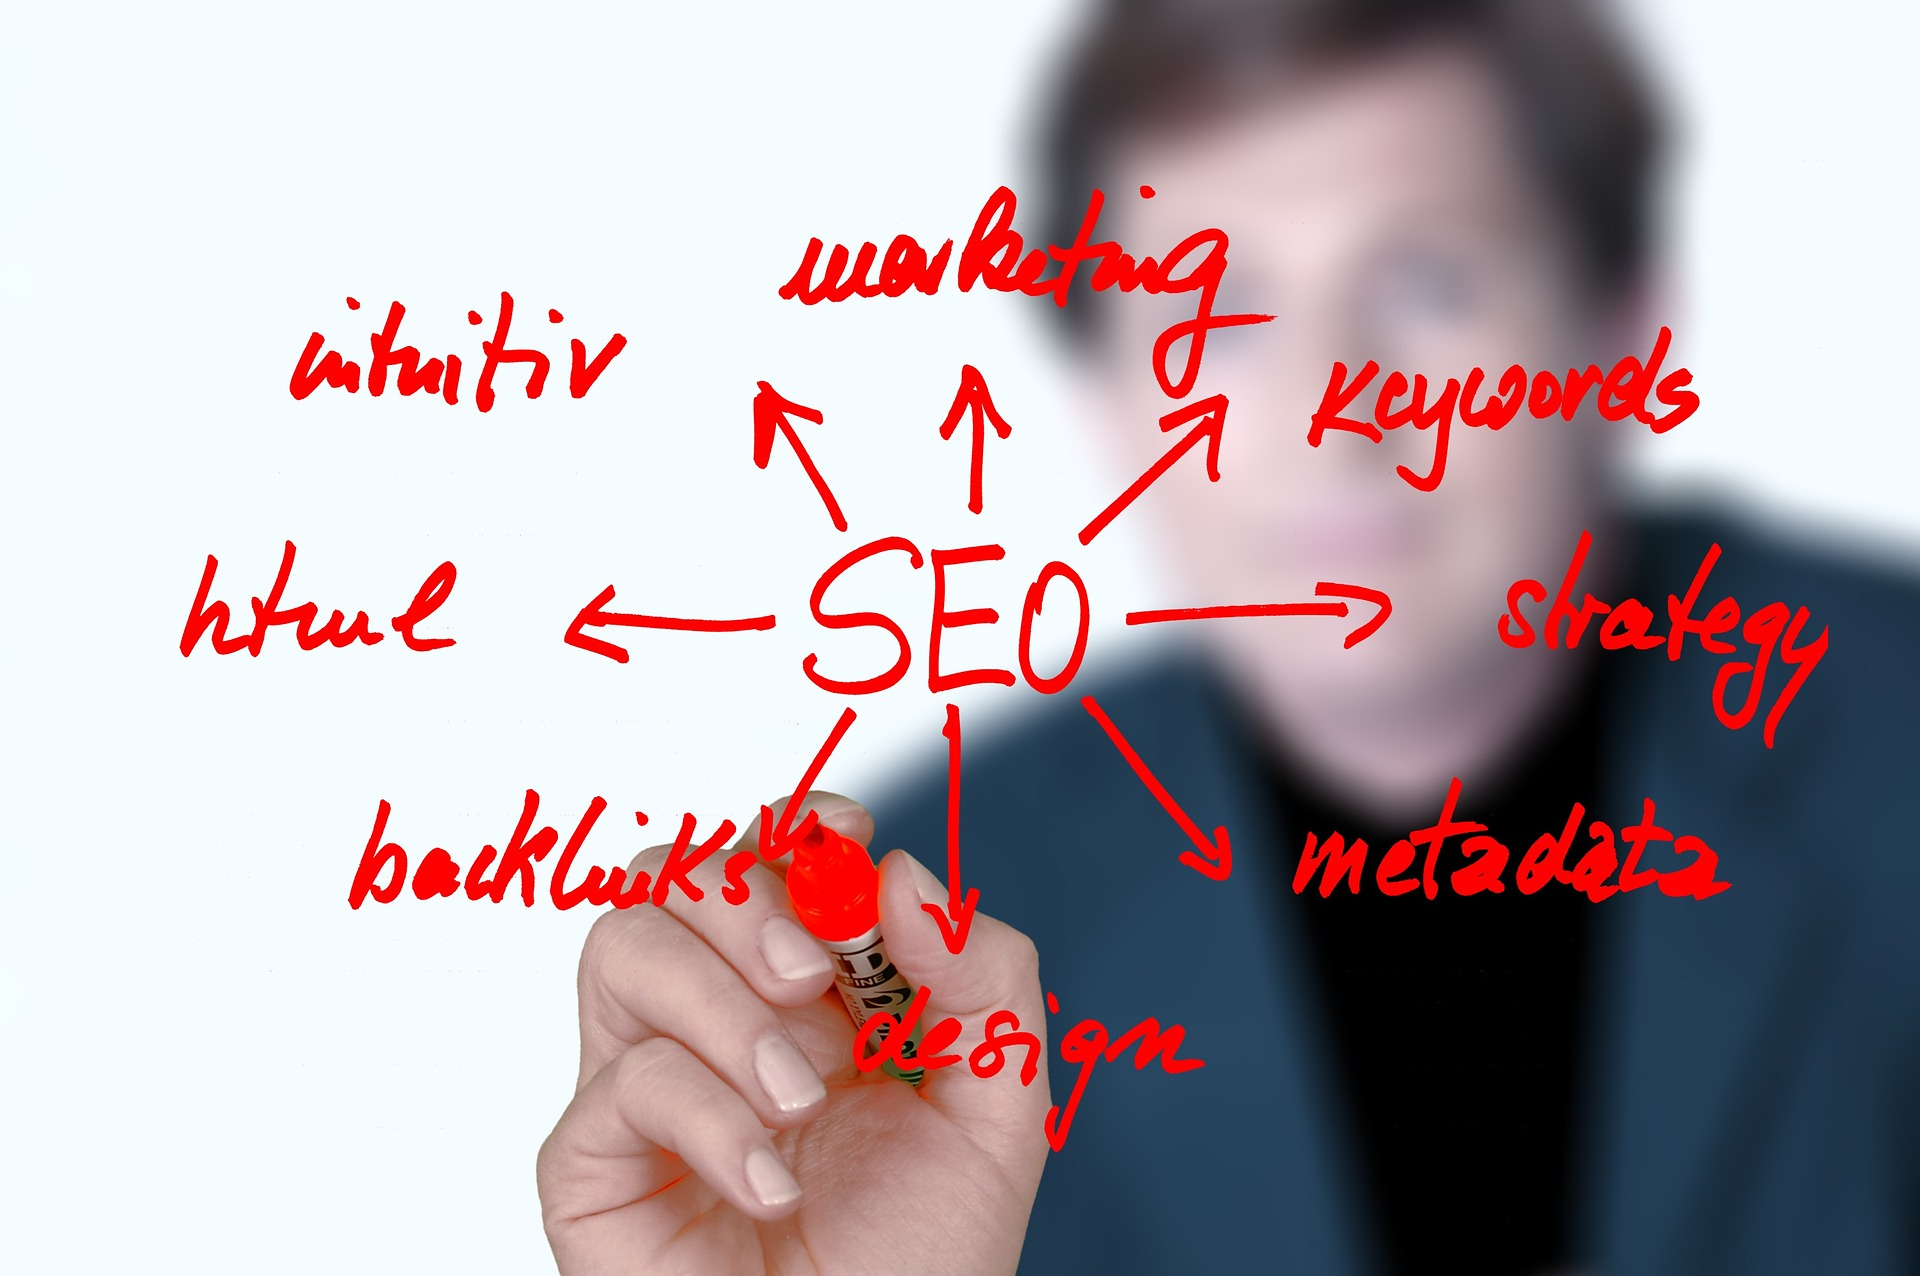 収益化ブログのキーワード選定5つの手順と記事の導線の作り方